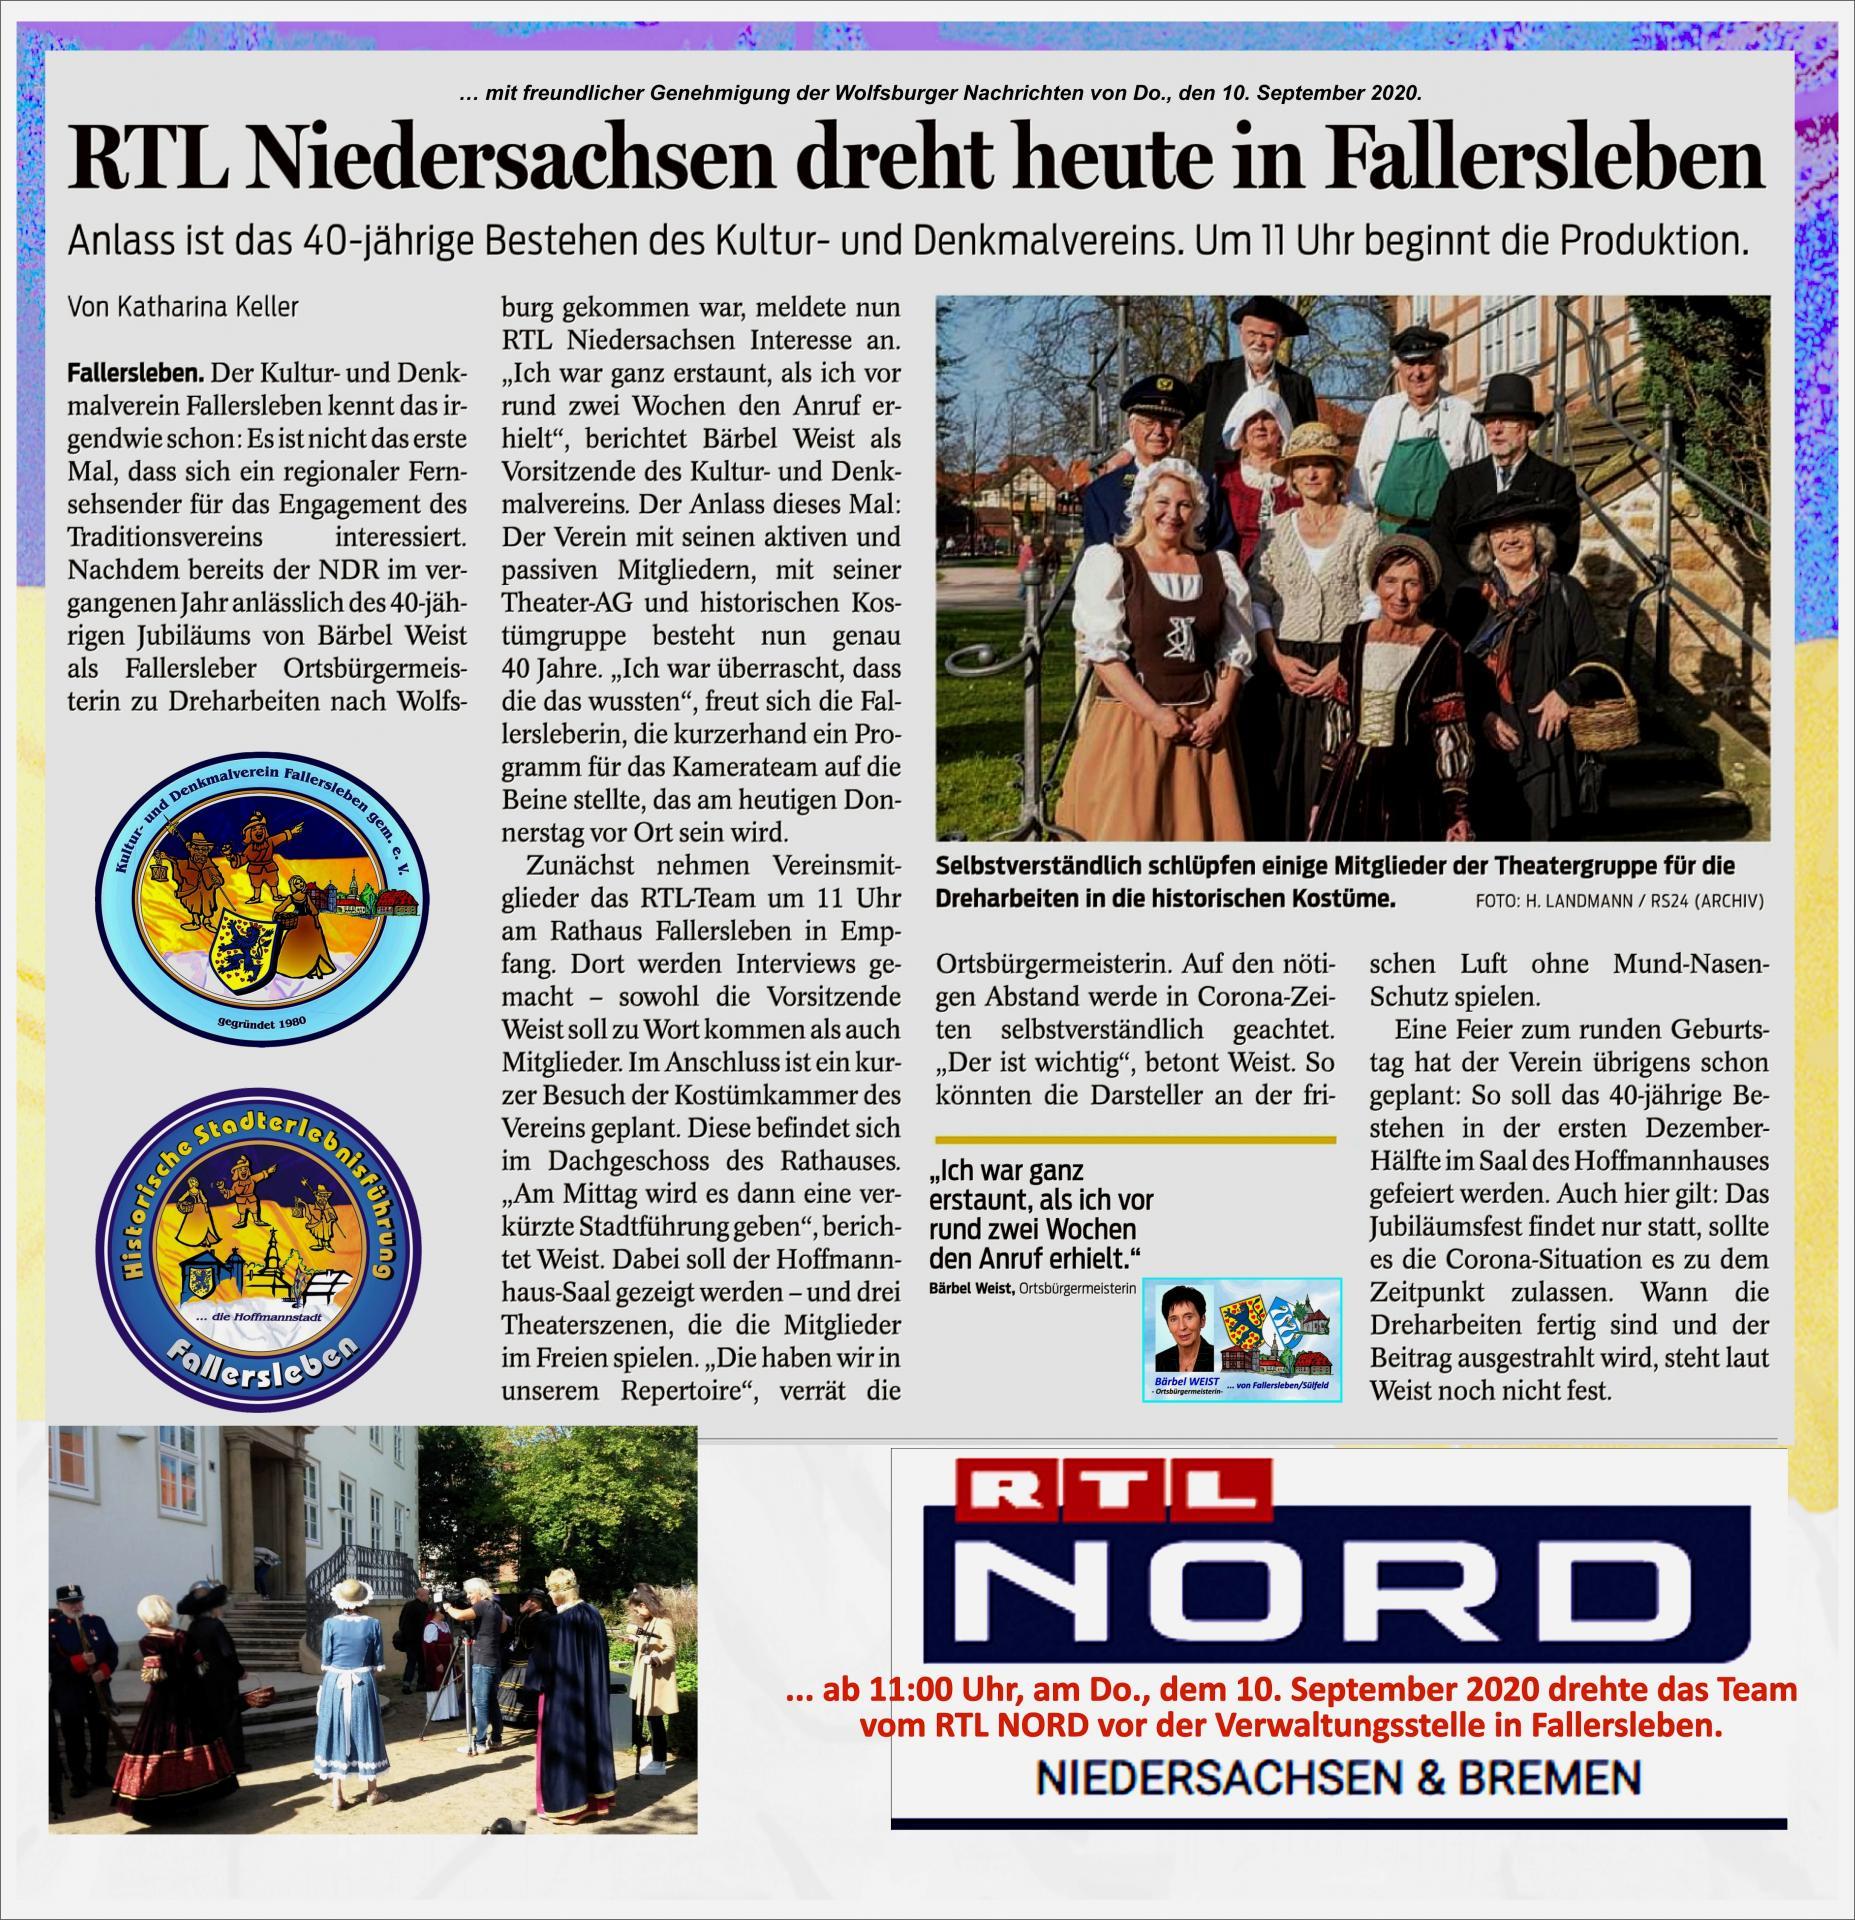 RTL-Nord dreht in Fallersleben